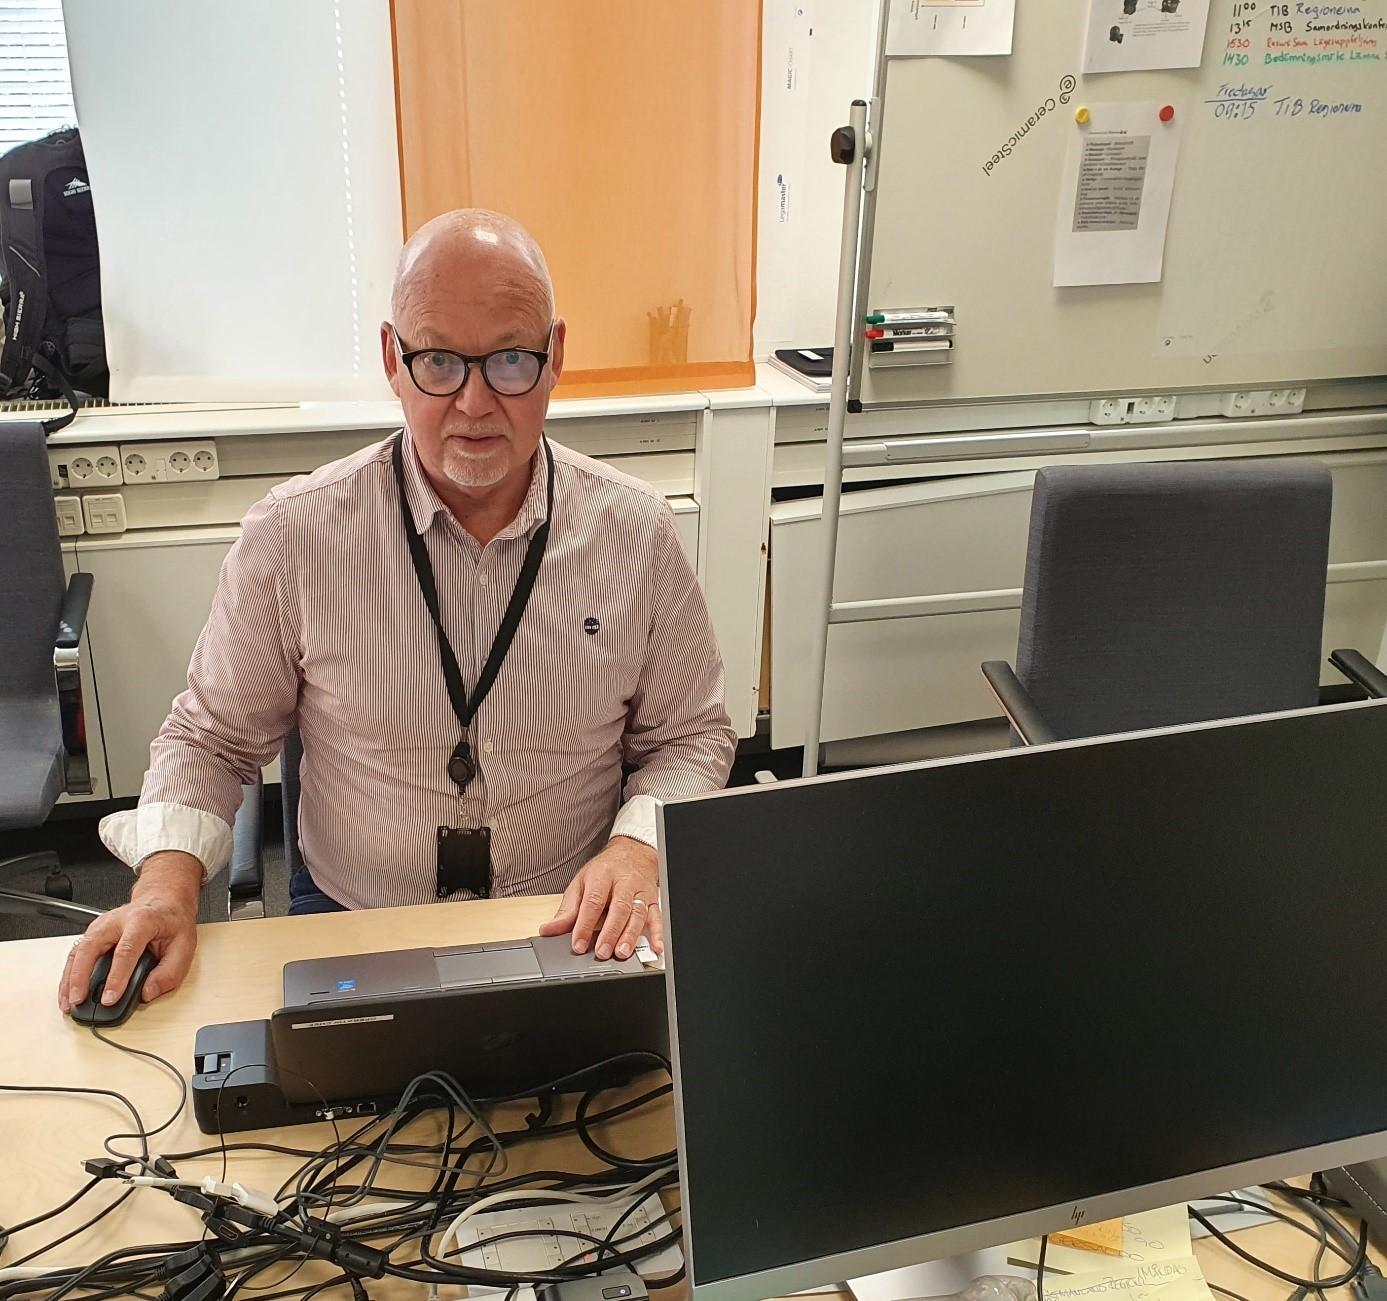 Ulf Cervinus i sitt arbete med att stärka upp Socialstyrelsen som resursmäklare. Ulf har tidigare jobbat som insatspersonal både i Sverige och internationellt, bland annat under skogsbränderna i Sverige 2018.